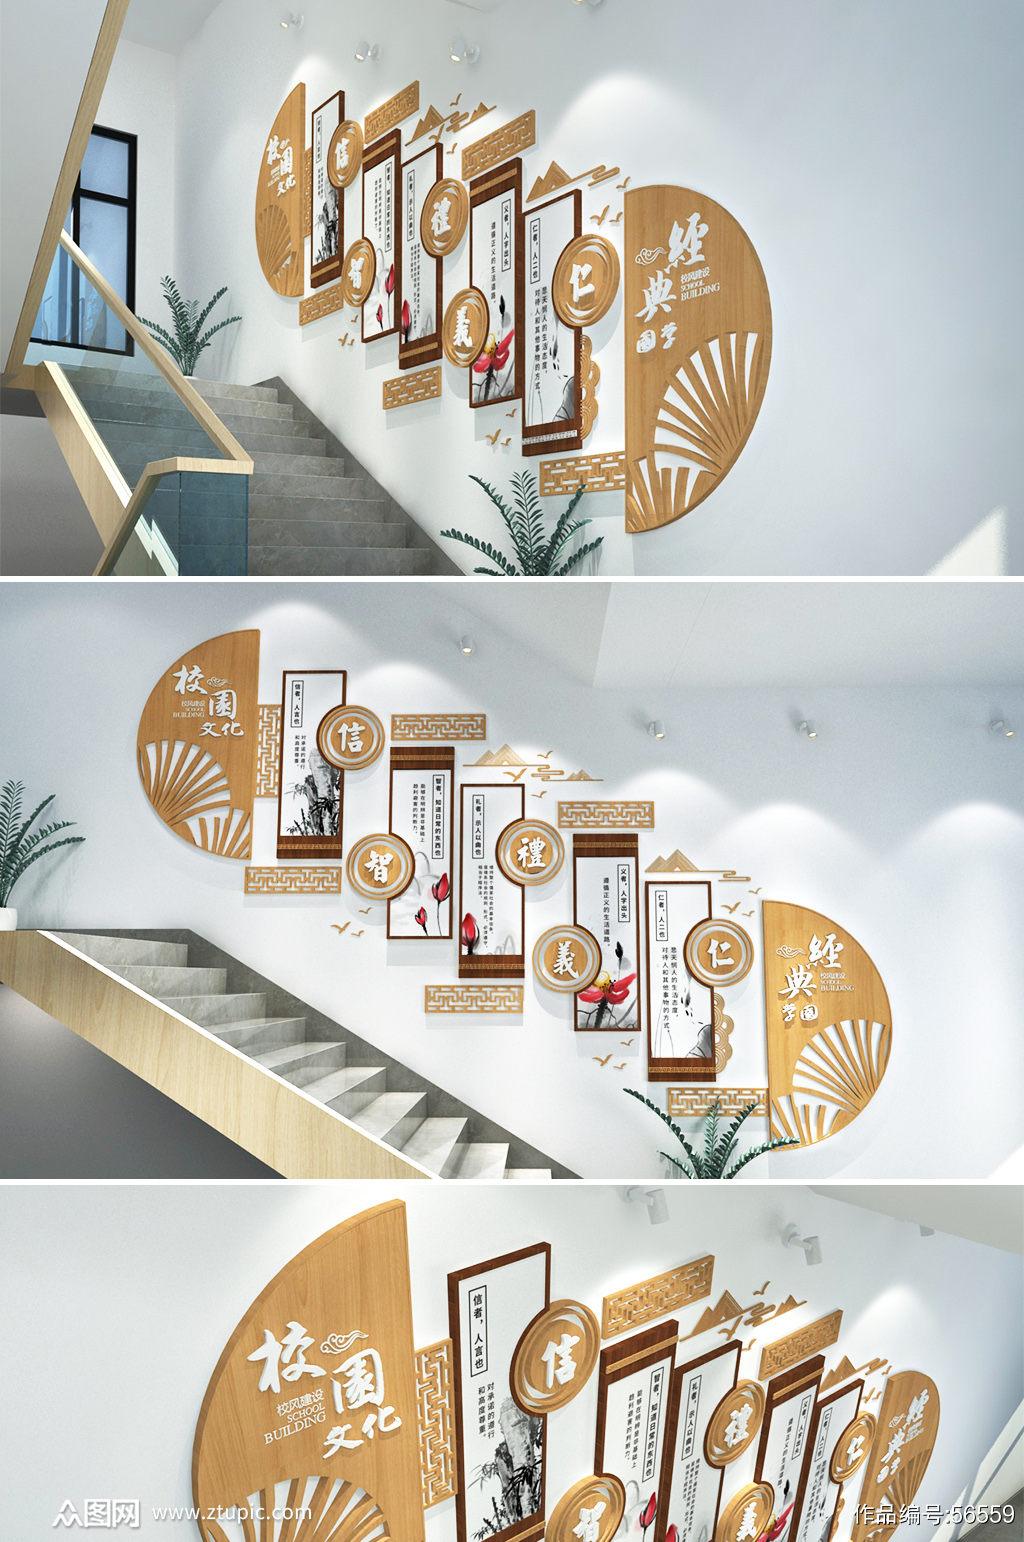 国学经典校园班级楼道楼梯学校行为习惯文化墙设计图片素材